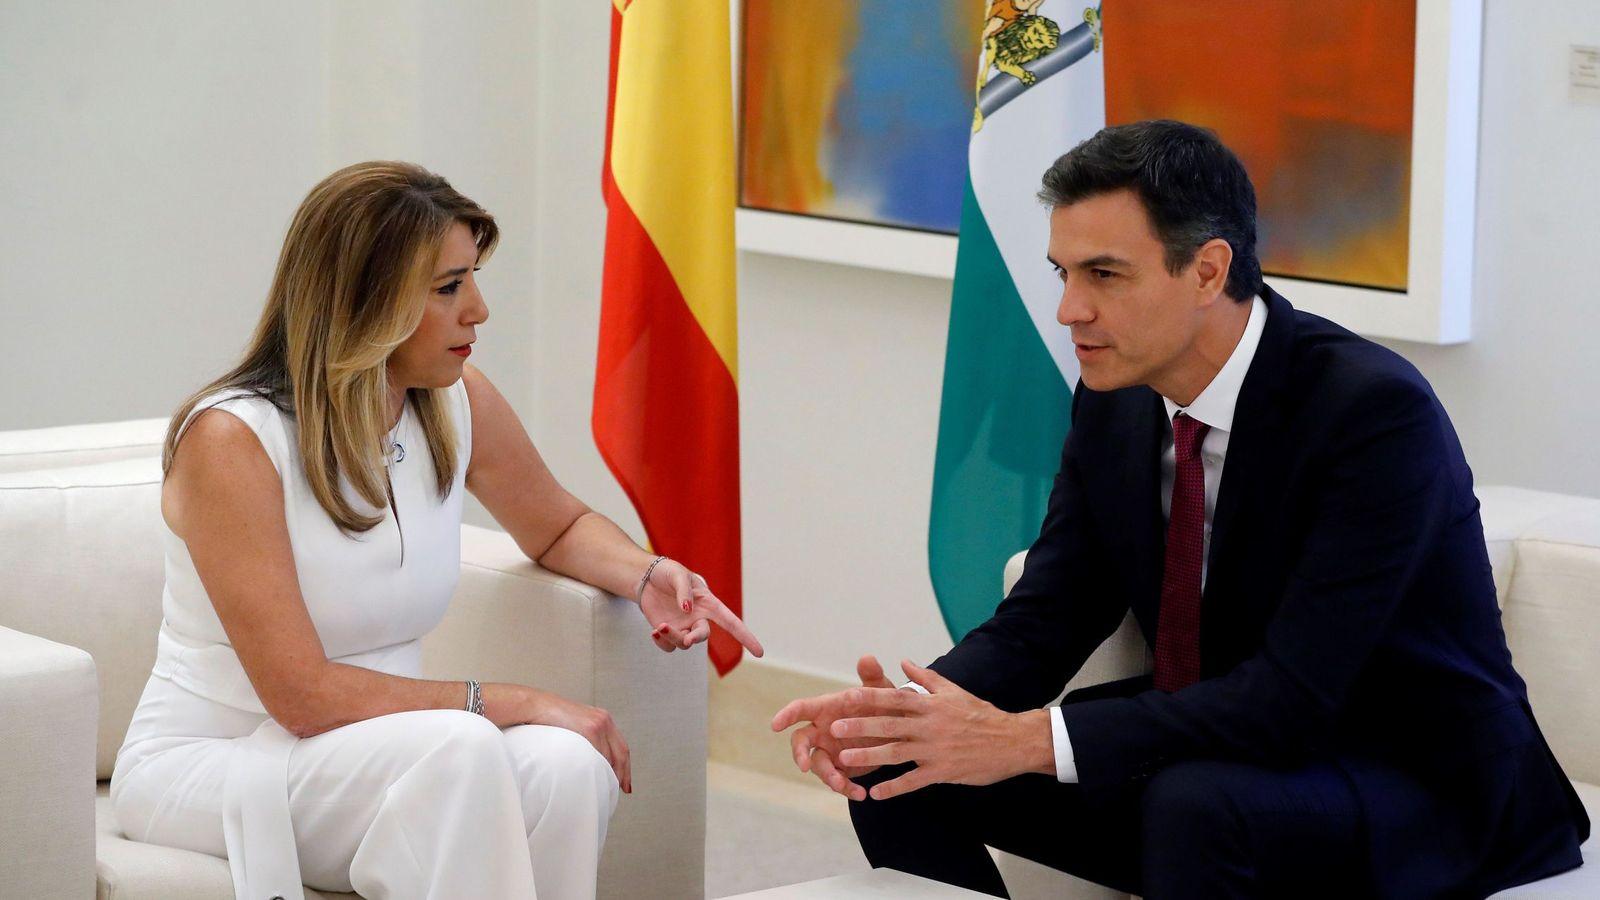 Foto: El presidente del Gobierno, Pedro Sánchez, y la presidenta de la Junta de Andalucía, Susana Díaz. (EFE)